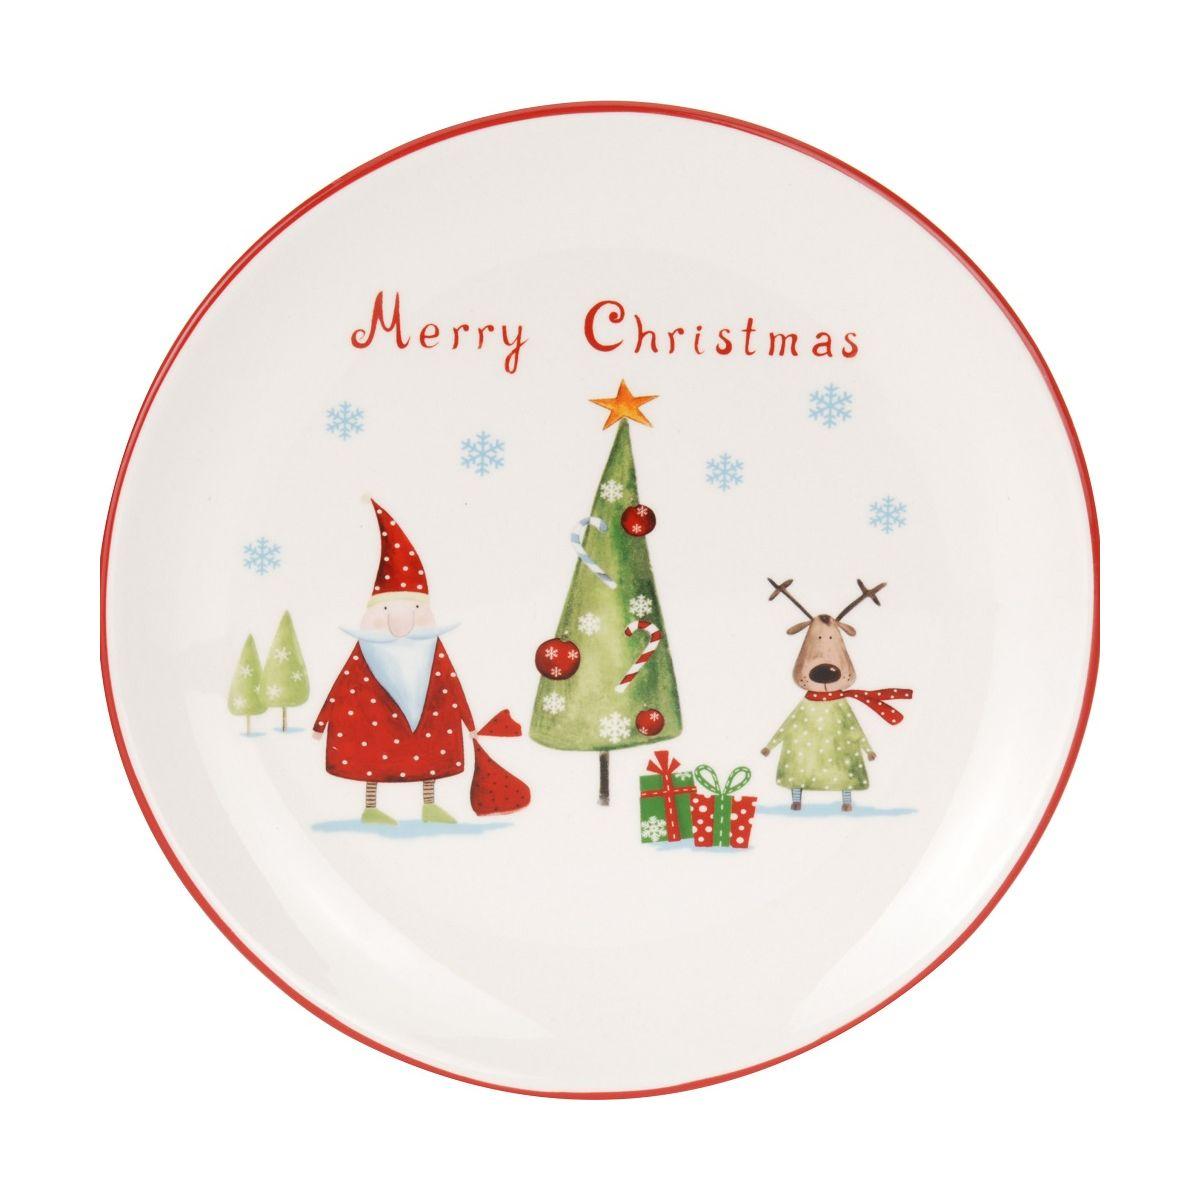 Тарелка Merry christmasтарелка Merry christmas 24см<br>